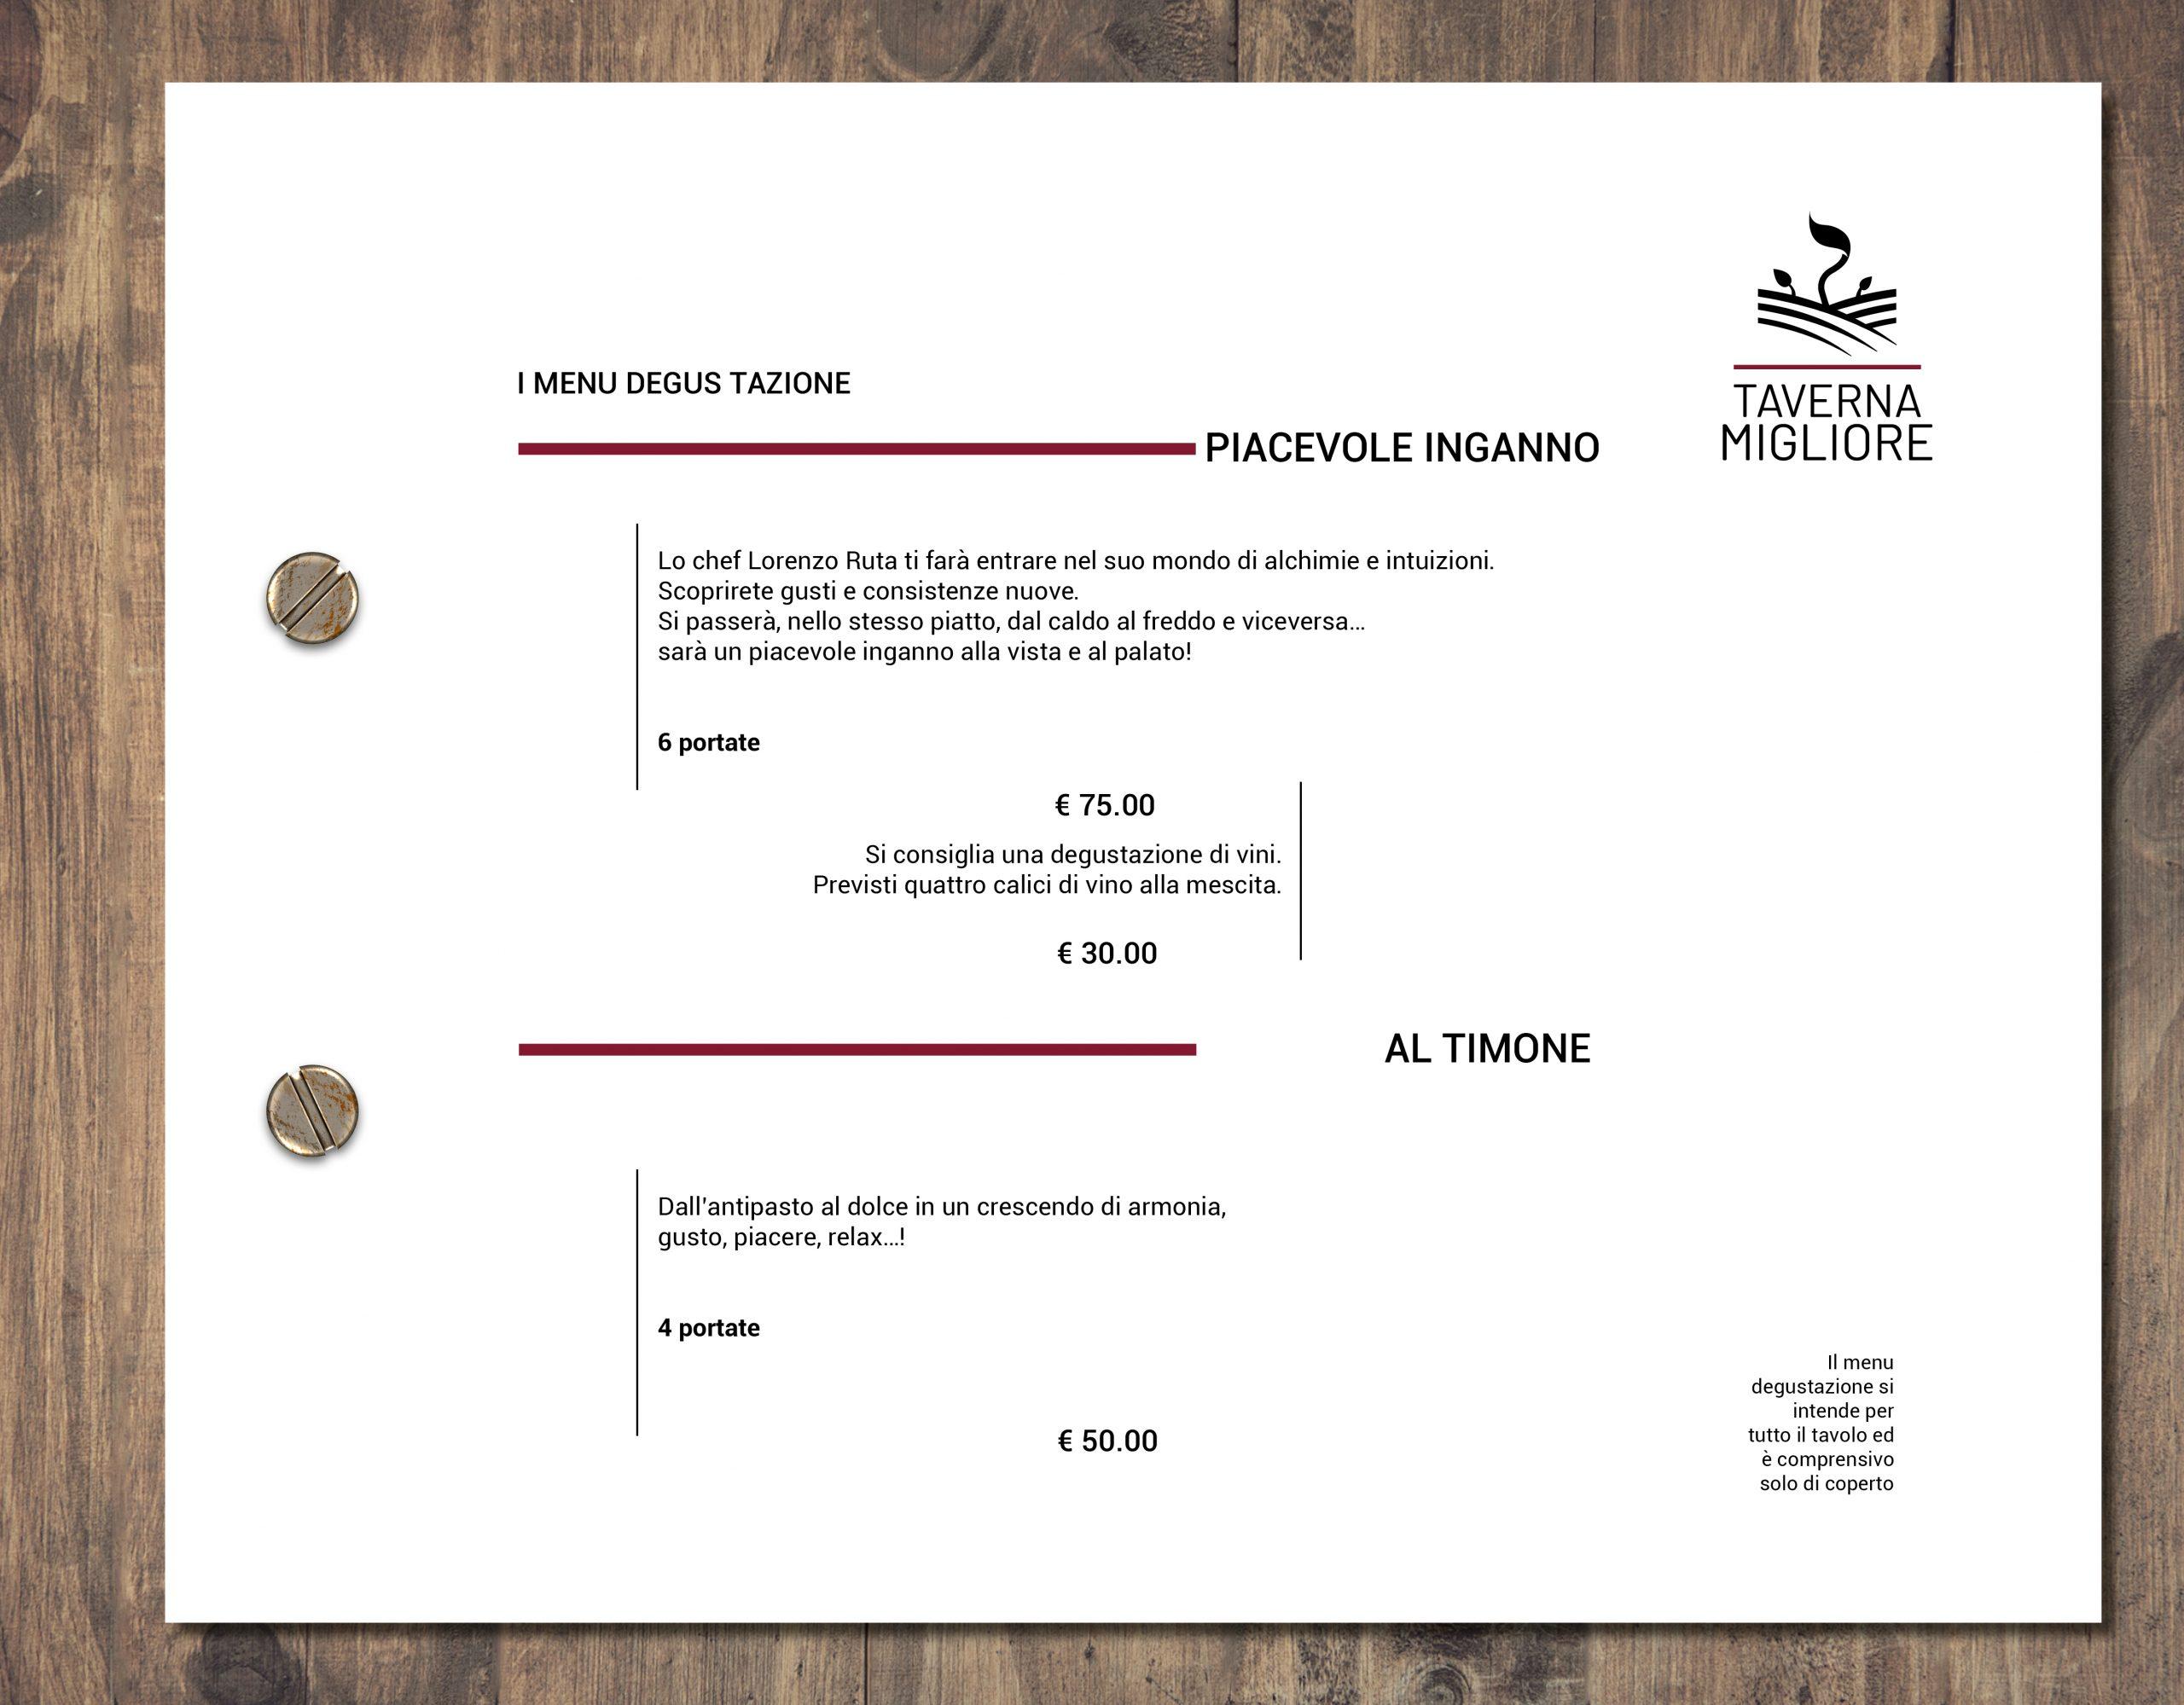 Mockup Taverna Migliore menu2